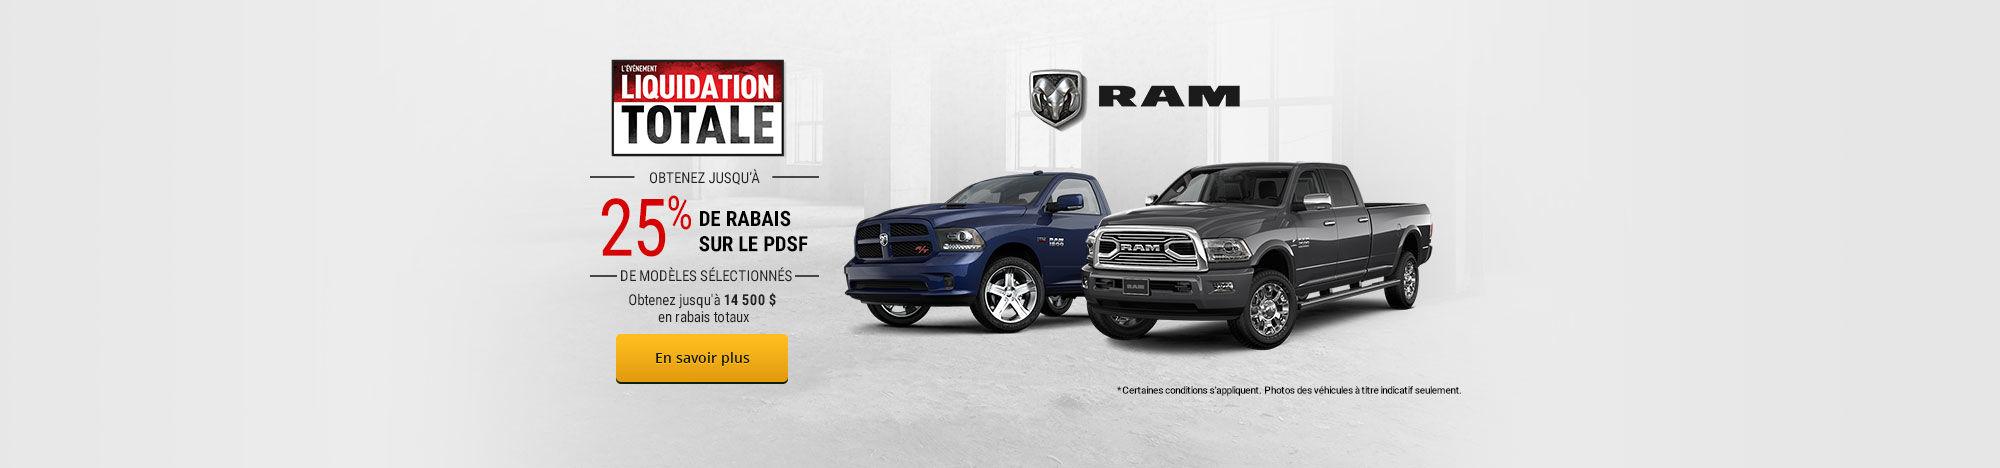 L'événement liquidation totale RAM - Septembre